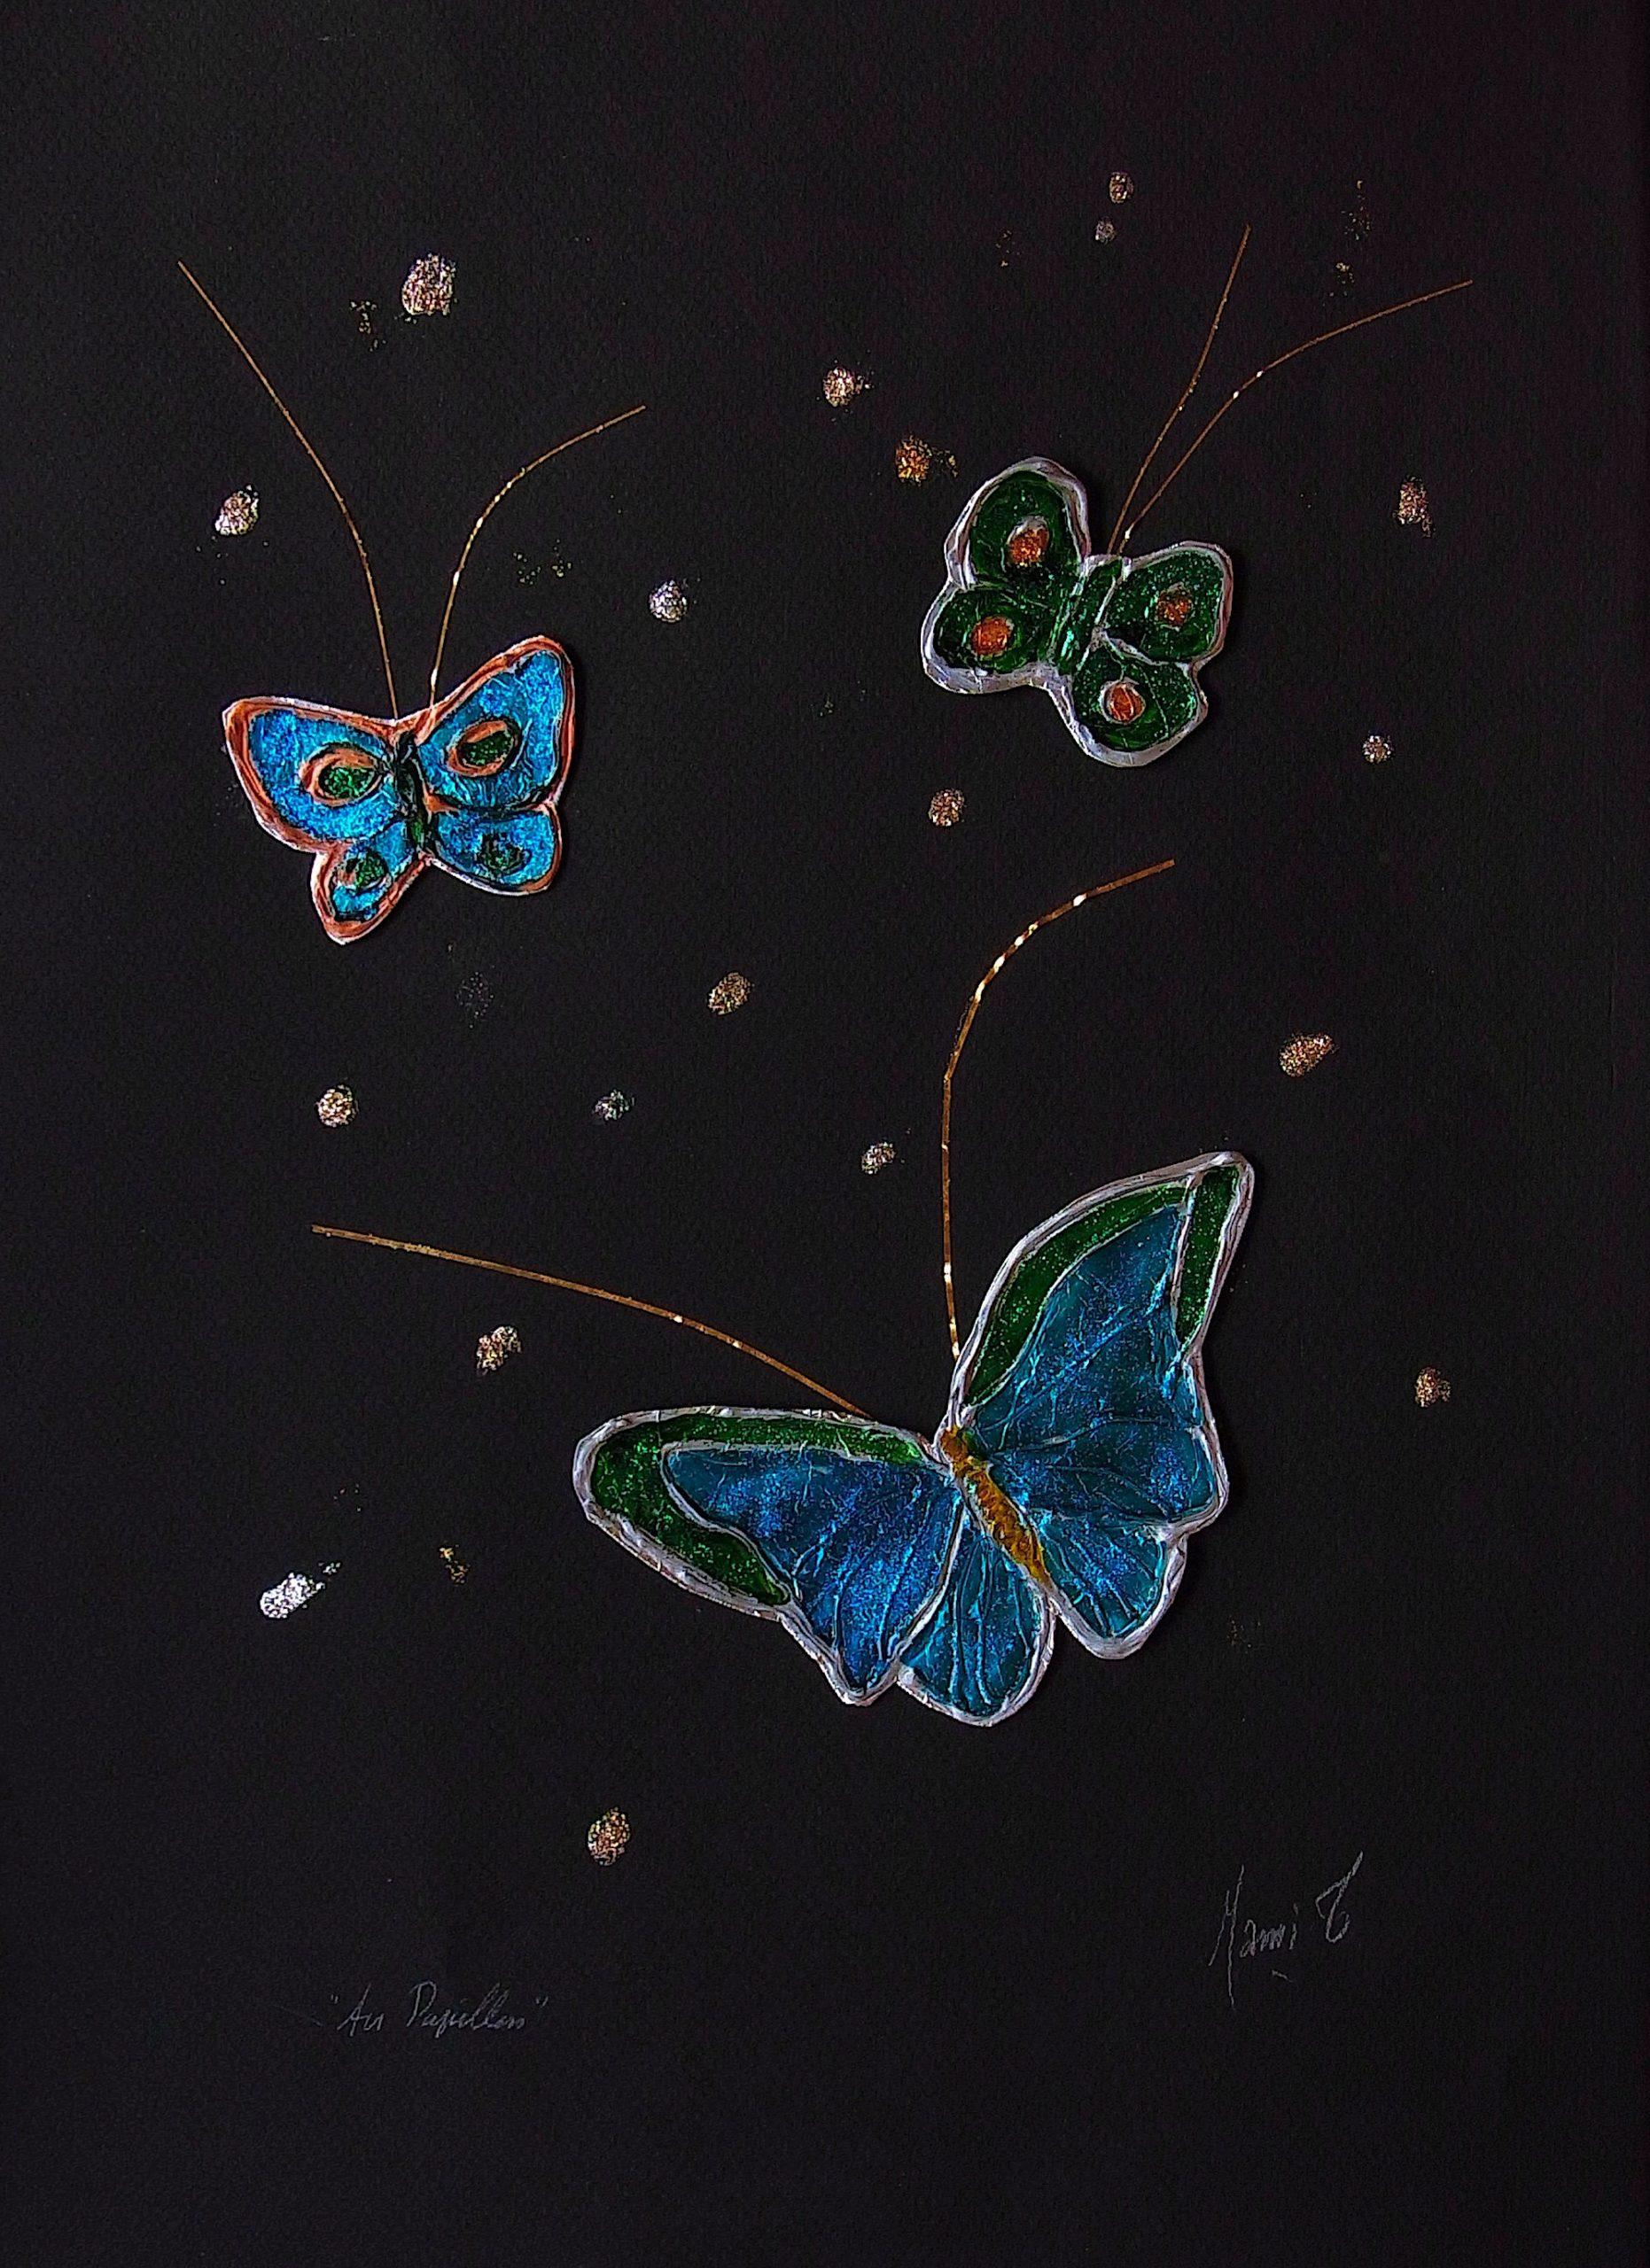 MAMI / Images et Poésie, Air Papillon